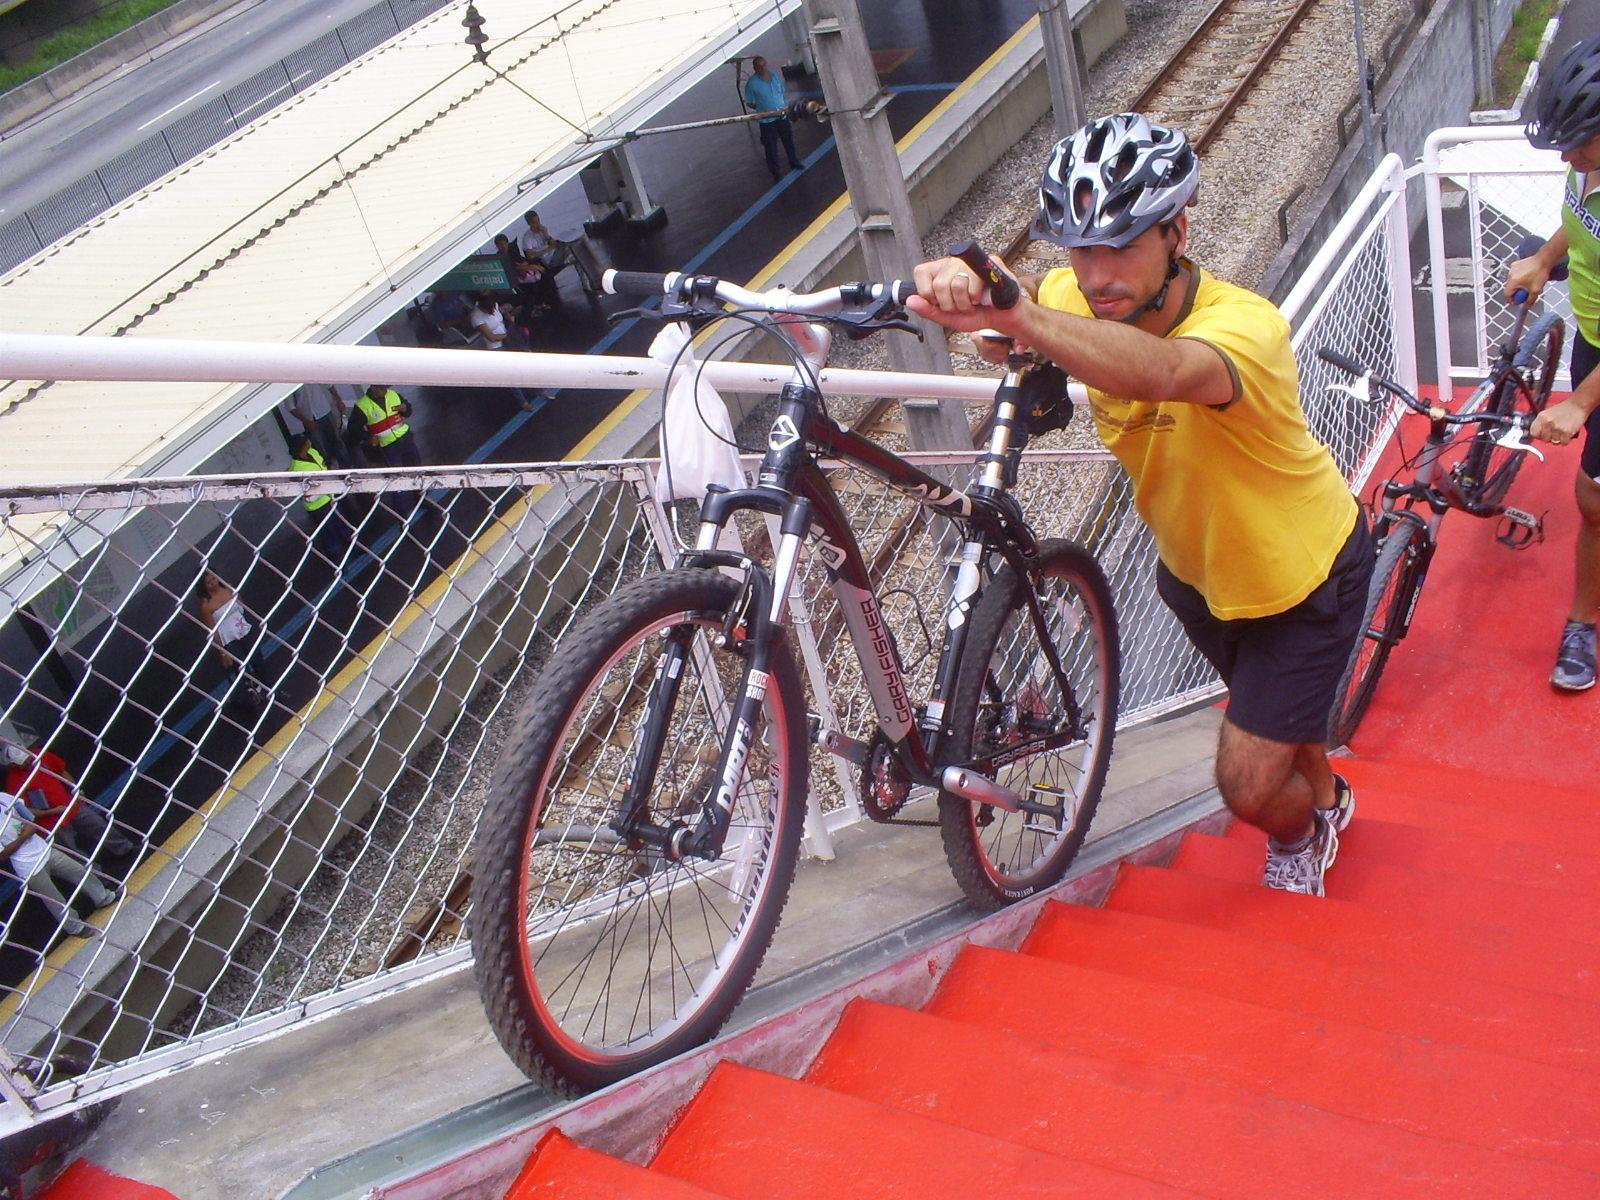 Canaletas facilitam acesso de ciclistas às passarelas (FOTO: Reprodução/Sampa Bike Tour)